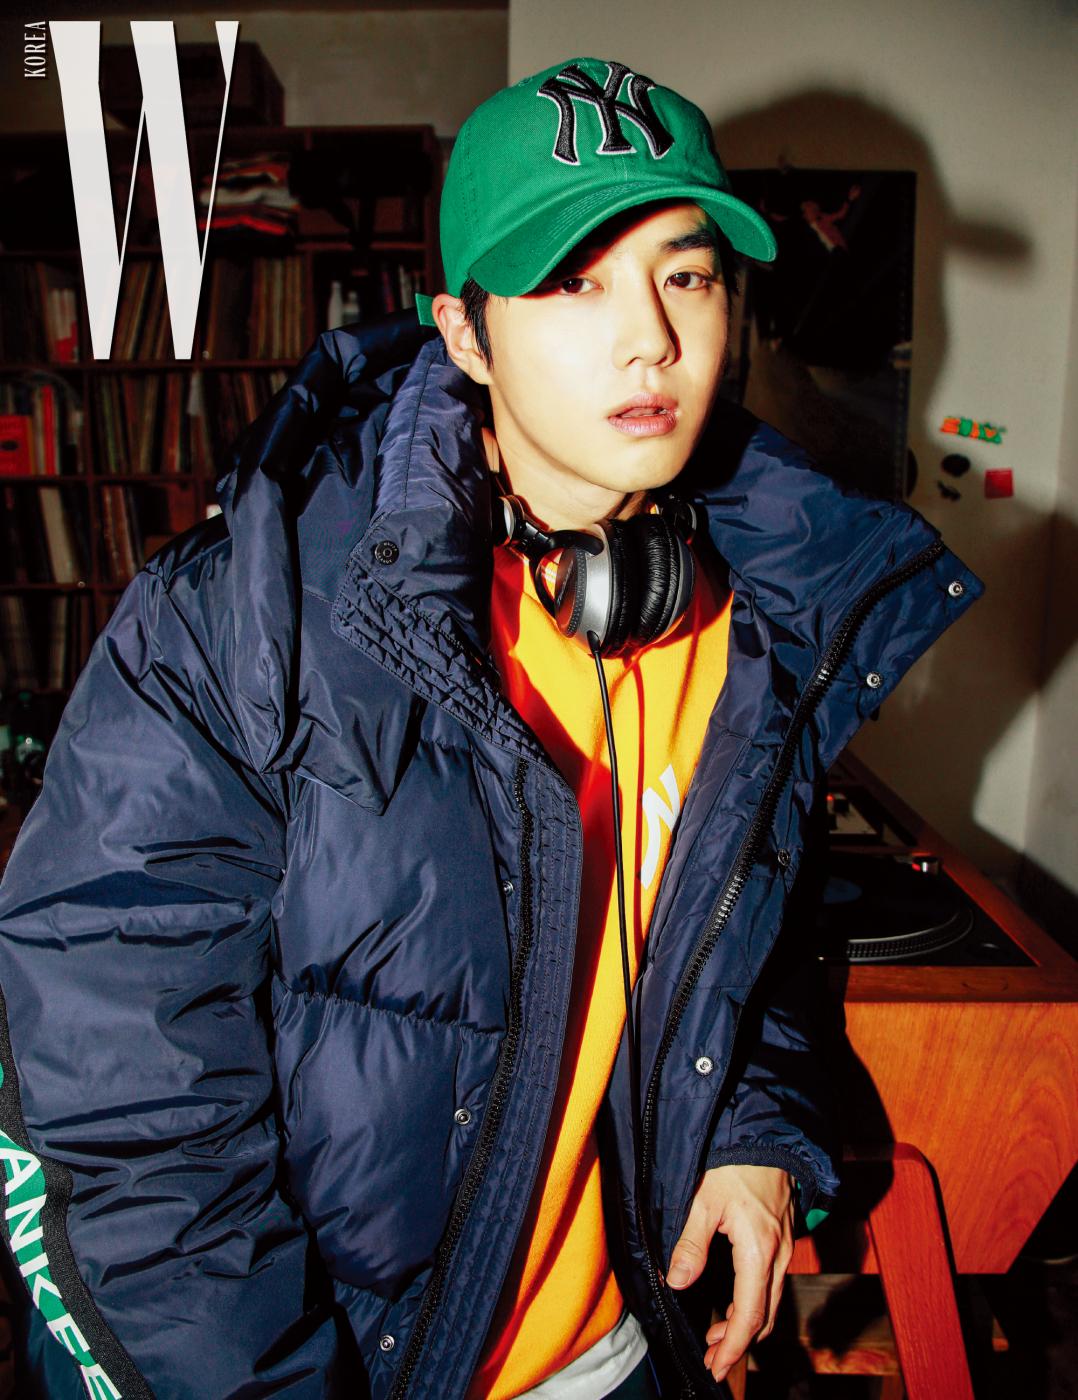 수호가 입은 레터링 테이프 장식 오리털 점퍼, 안에 입은 오렌지색 맨투맨, 초록색 메가로고 볼캡은 모두 MLB 제품.